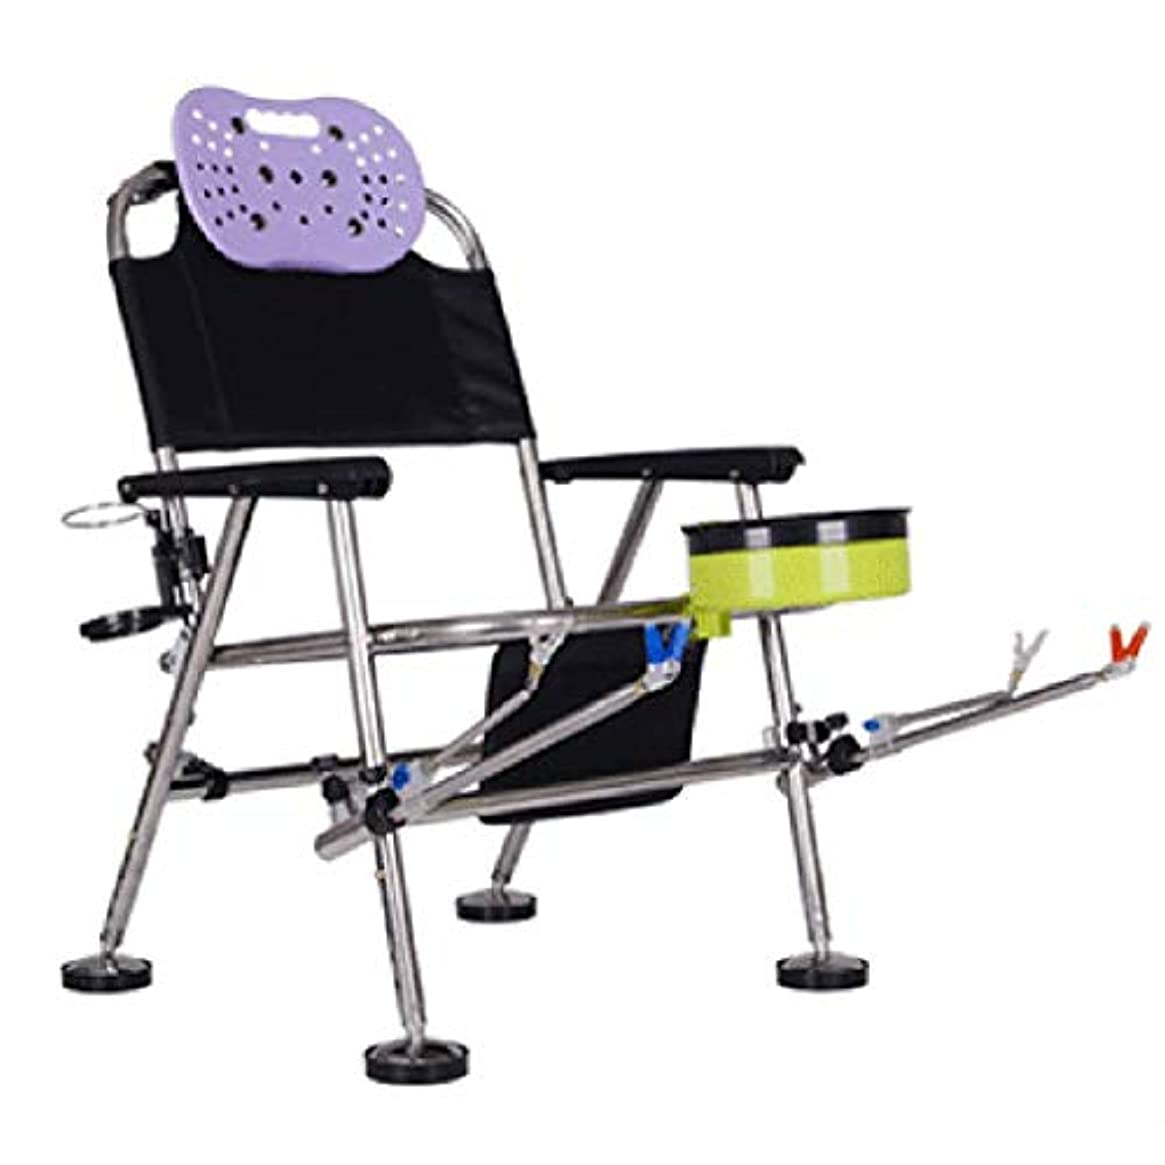 雰囲気受け皿母折りたたみ多機能釣り椅子、アウトドアレジャービーチチェア、ステンレス鋼釣り椅子、釣りギア、キャンプテーブルと椅子、55×55×75センチ